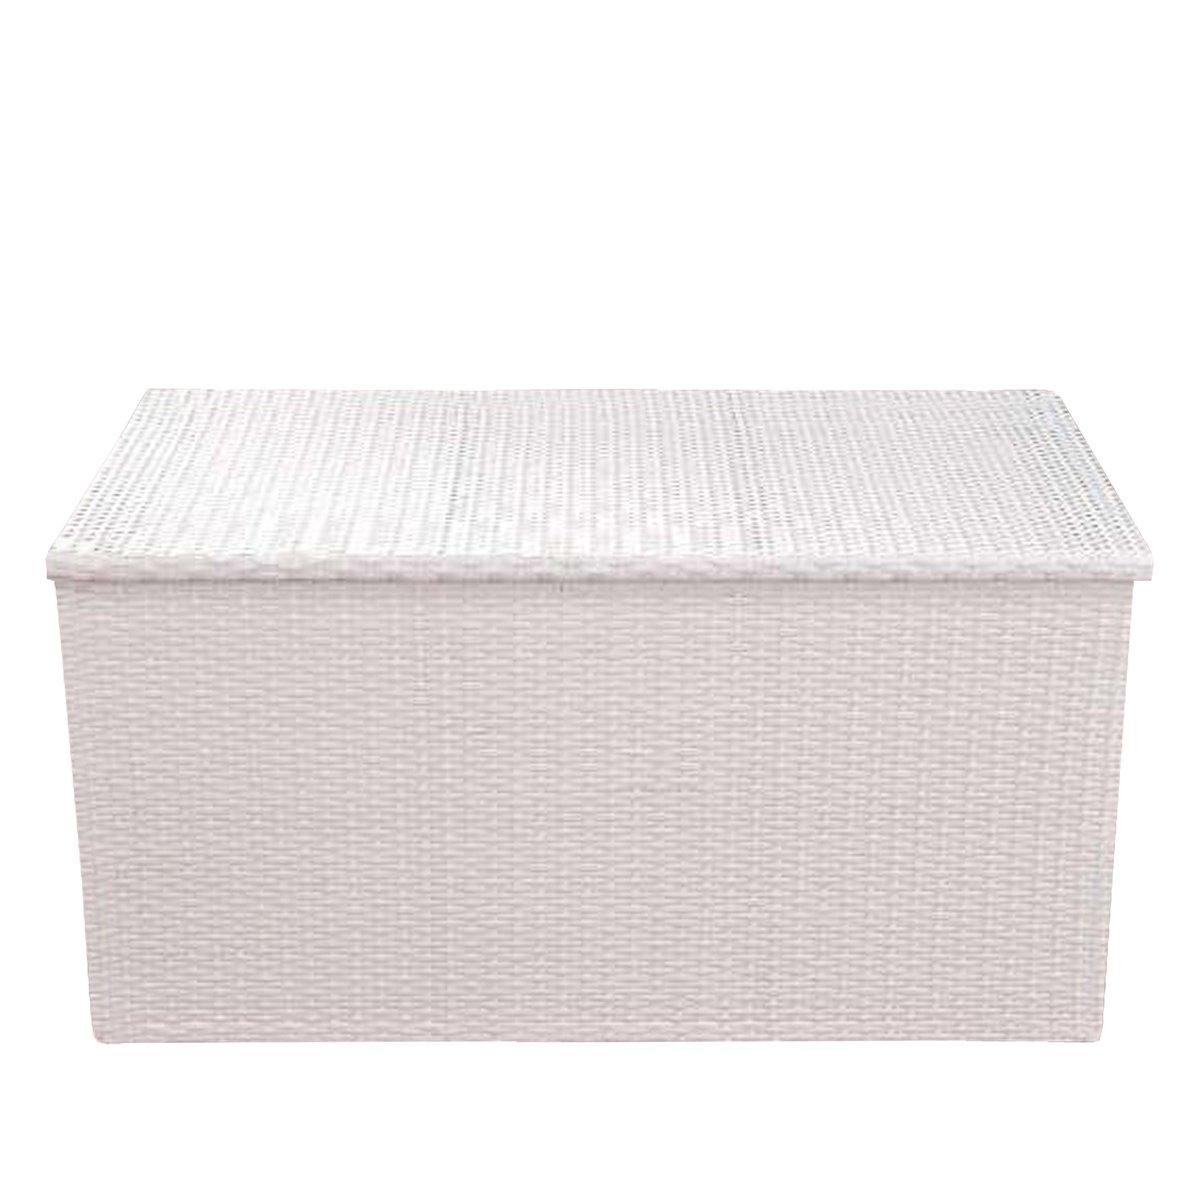 Baúl almacenaje L forrado en poly ratán color blanco - Baul para ...